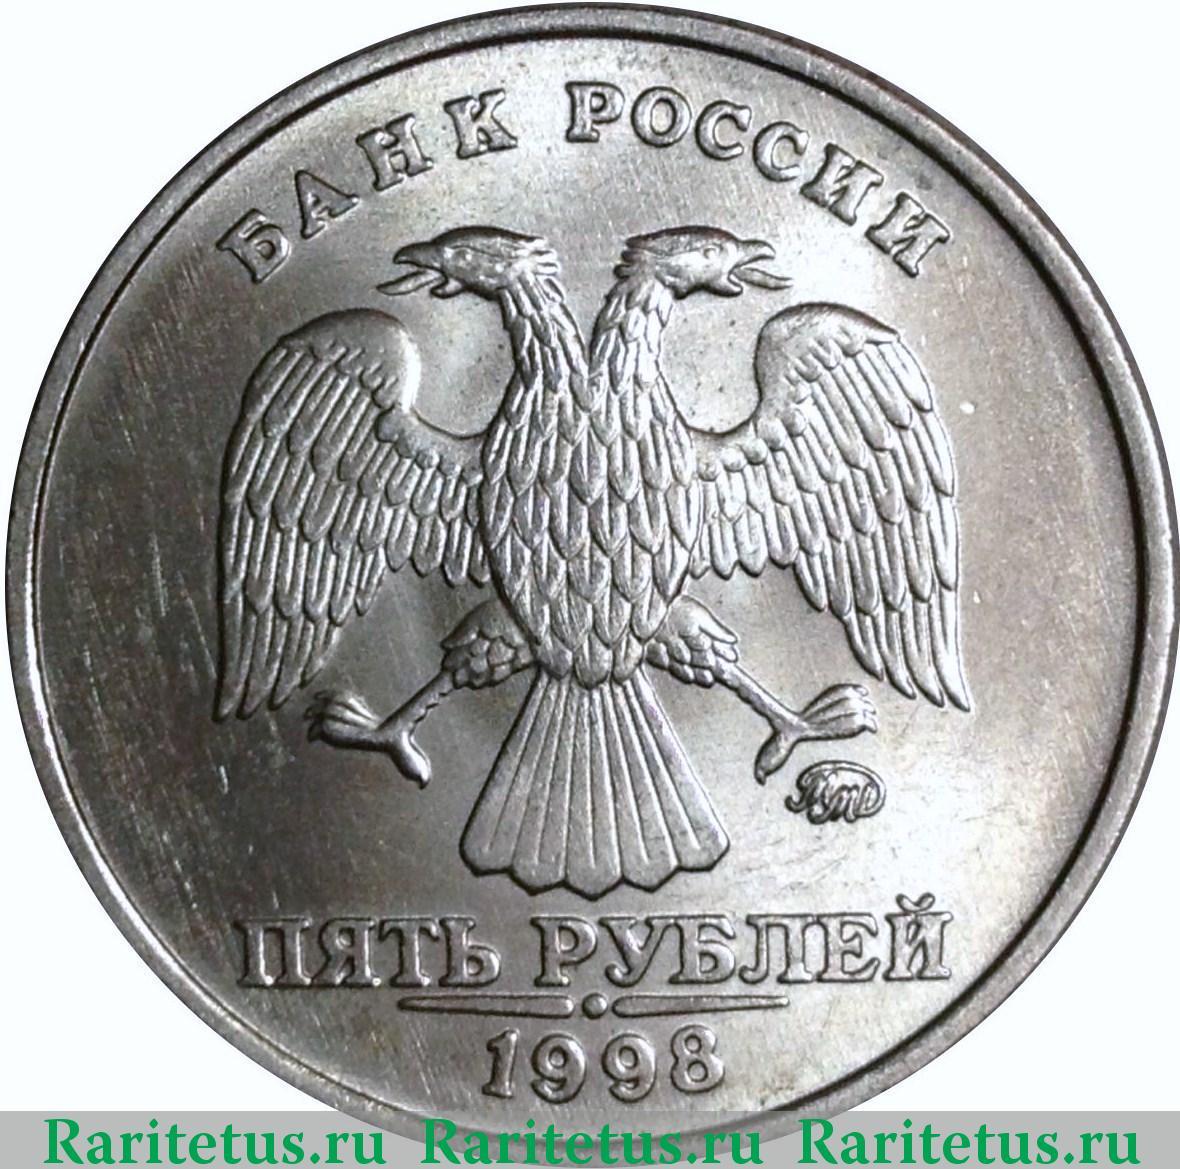 все сколько стоит монета 5 рублей 1998 Полякова